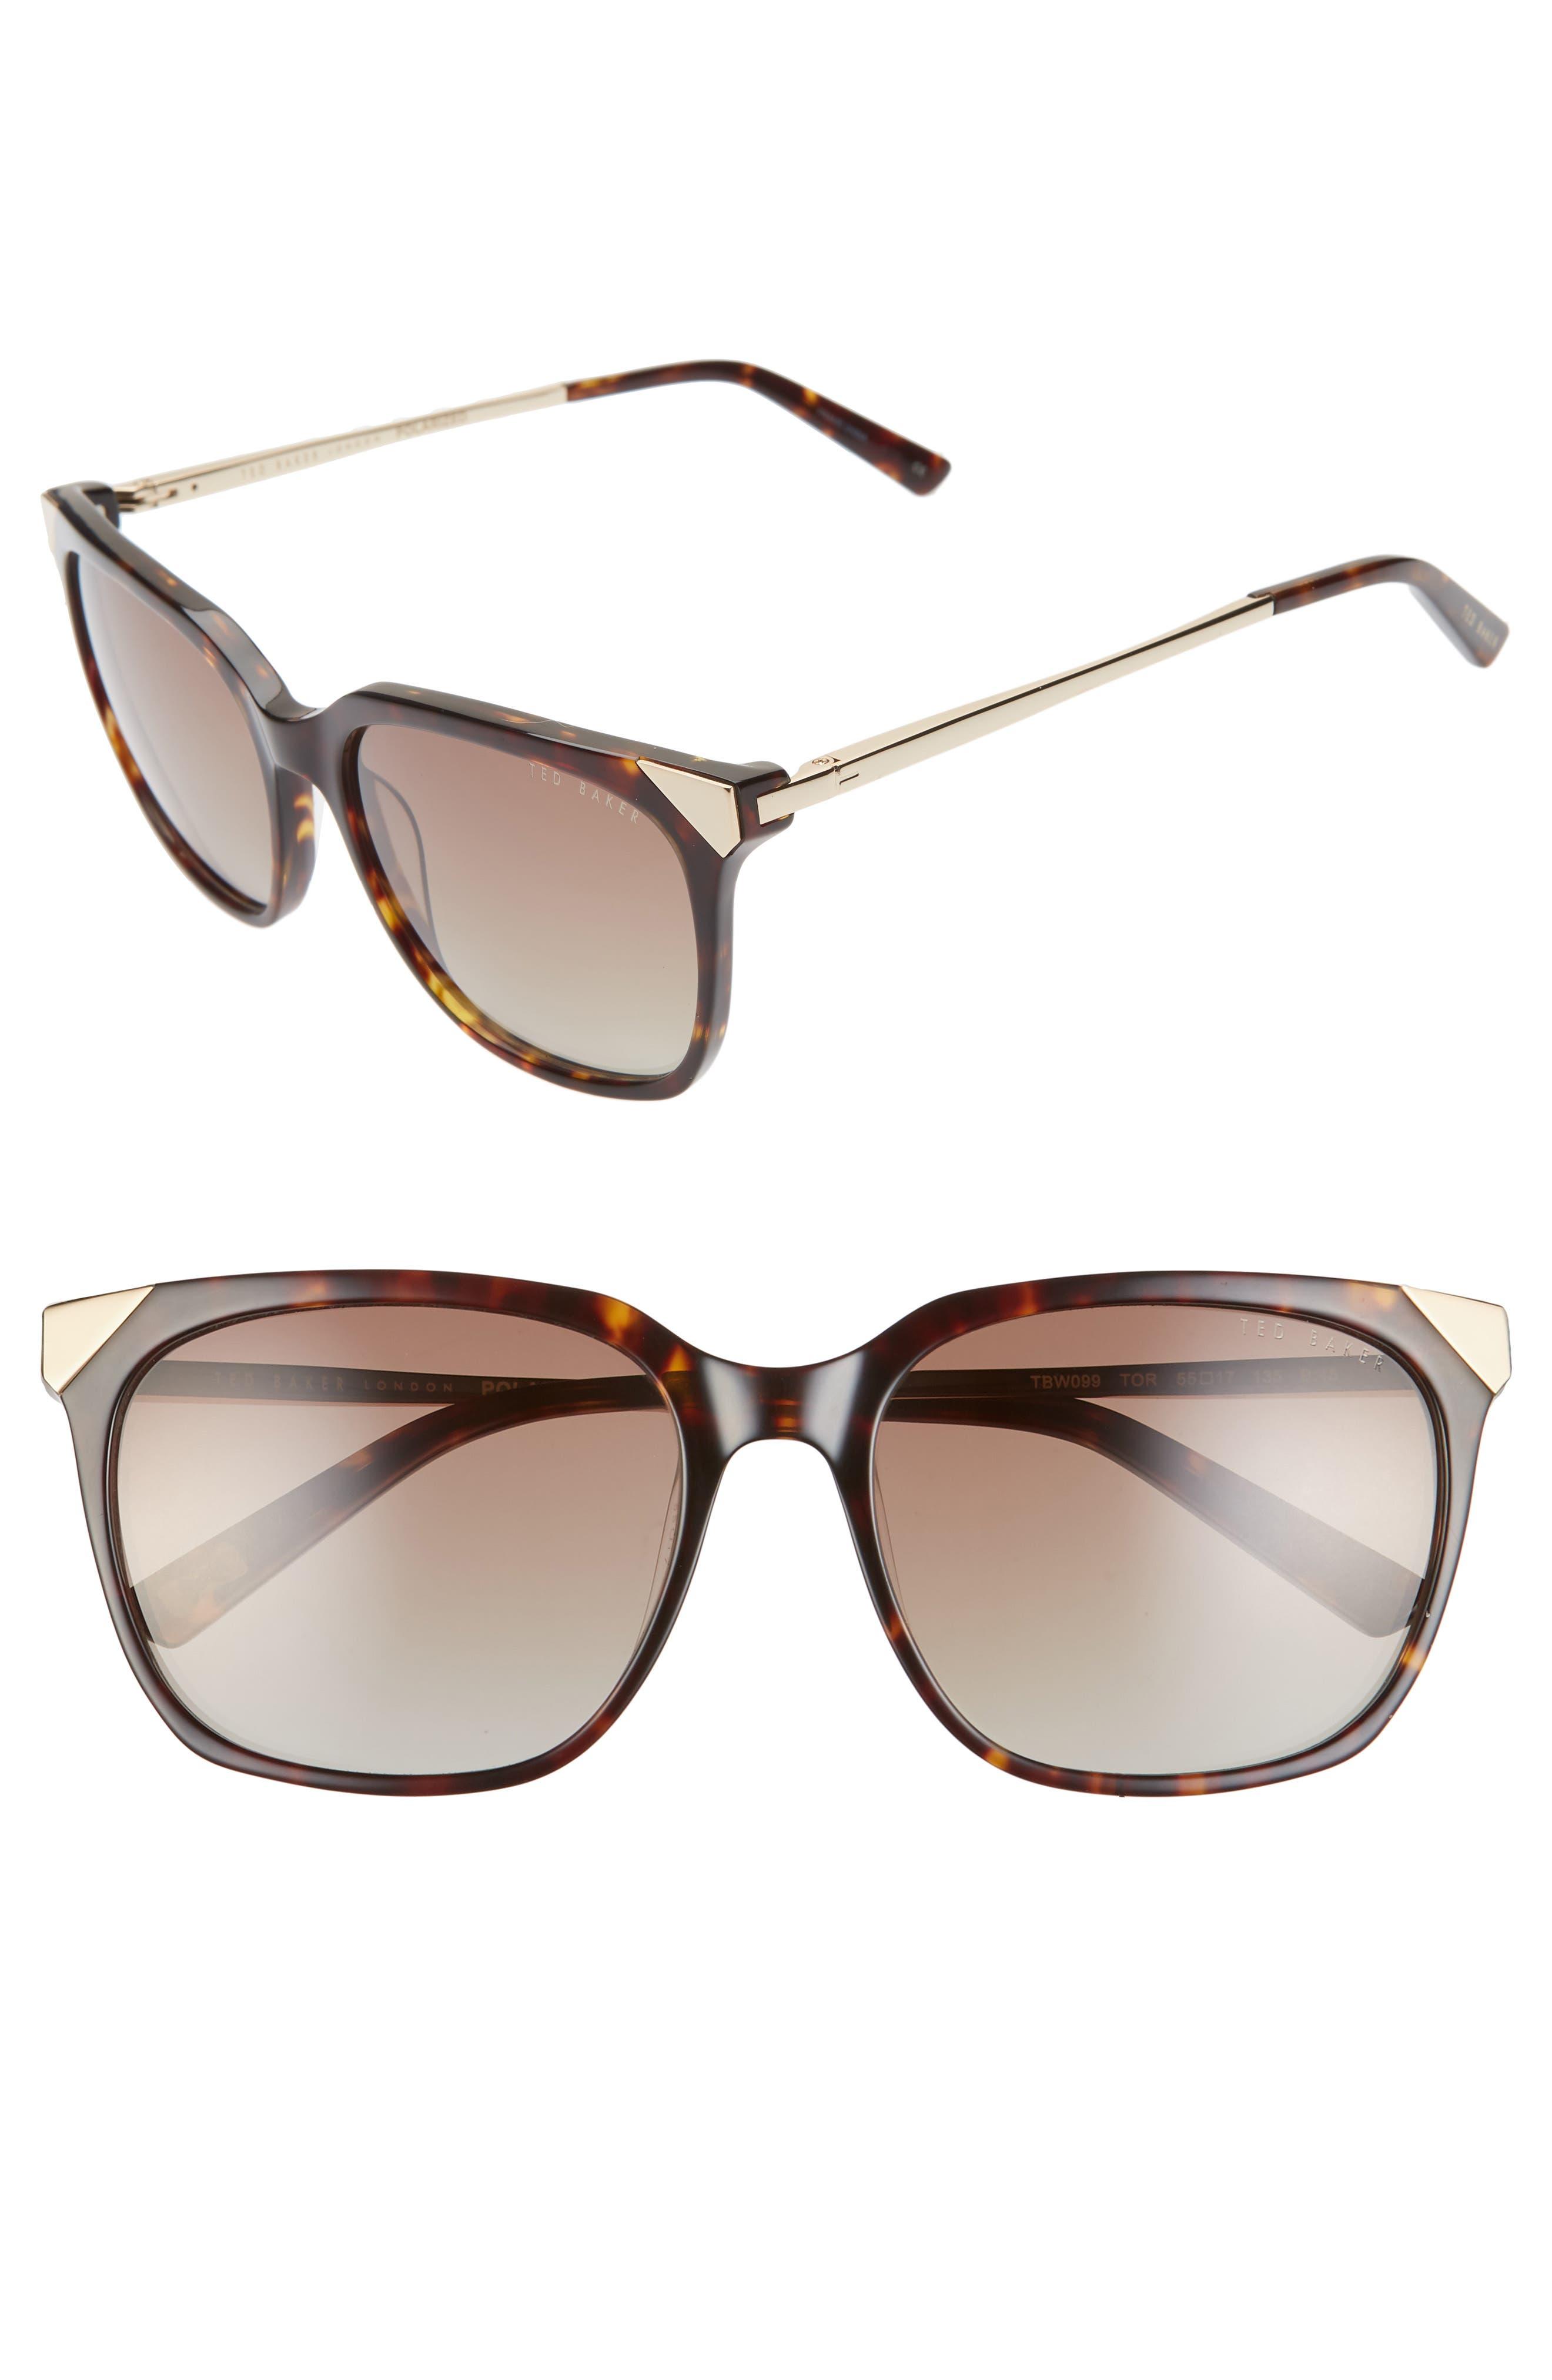 3b2d0fe6c63b6 Women s Ted Baker London Cat-Eye Sunglasses